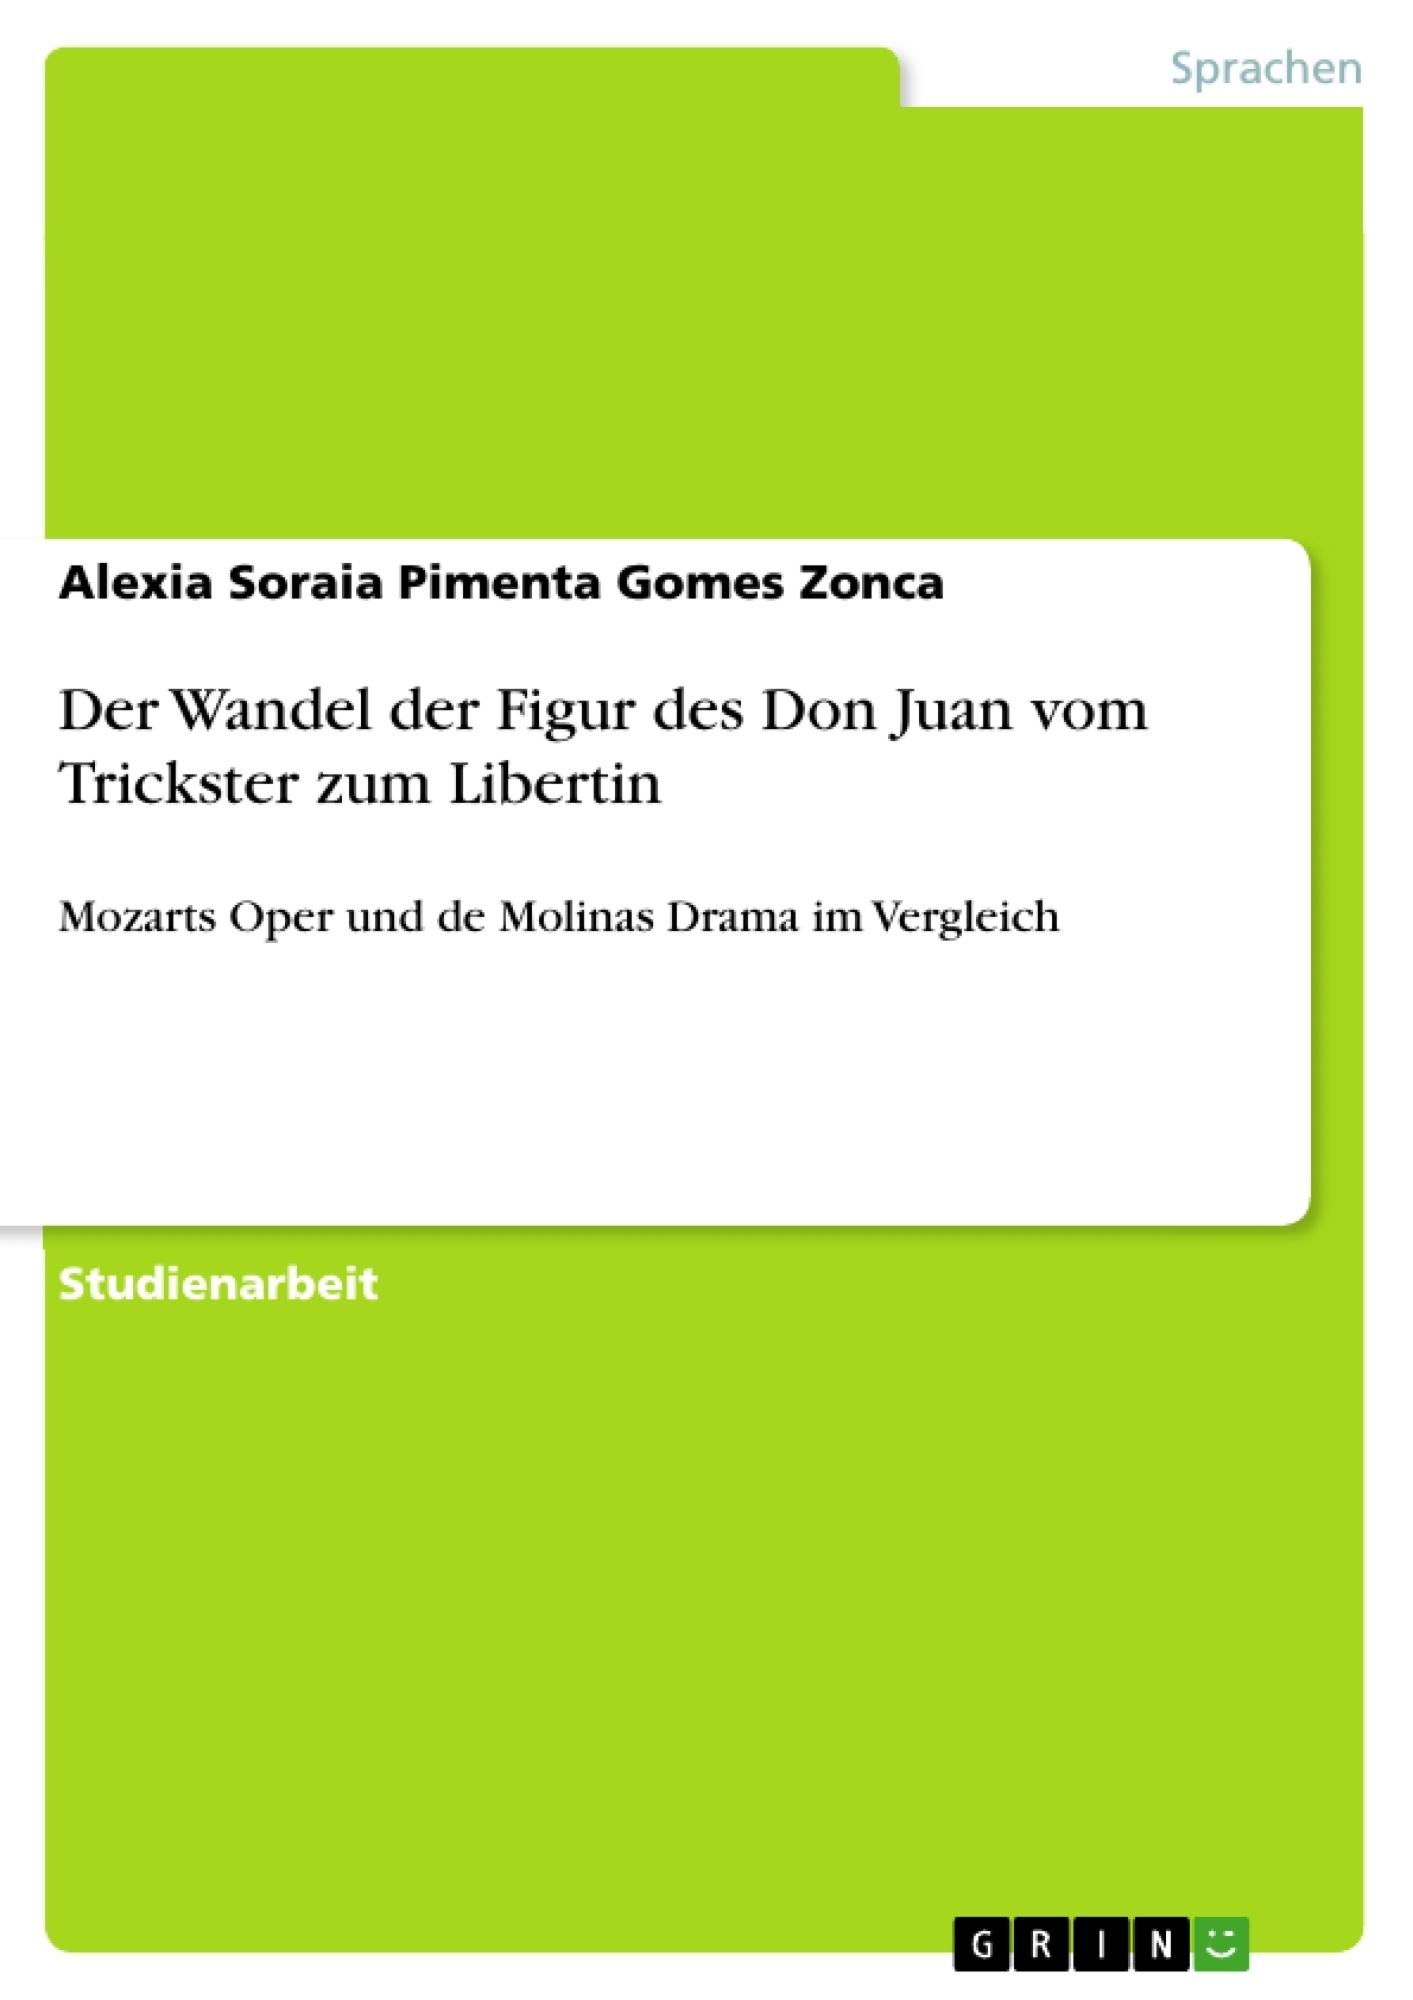 Titel: Der Wandel der Figur des Don Juan vom Trickster zum Libertin